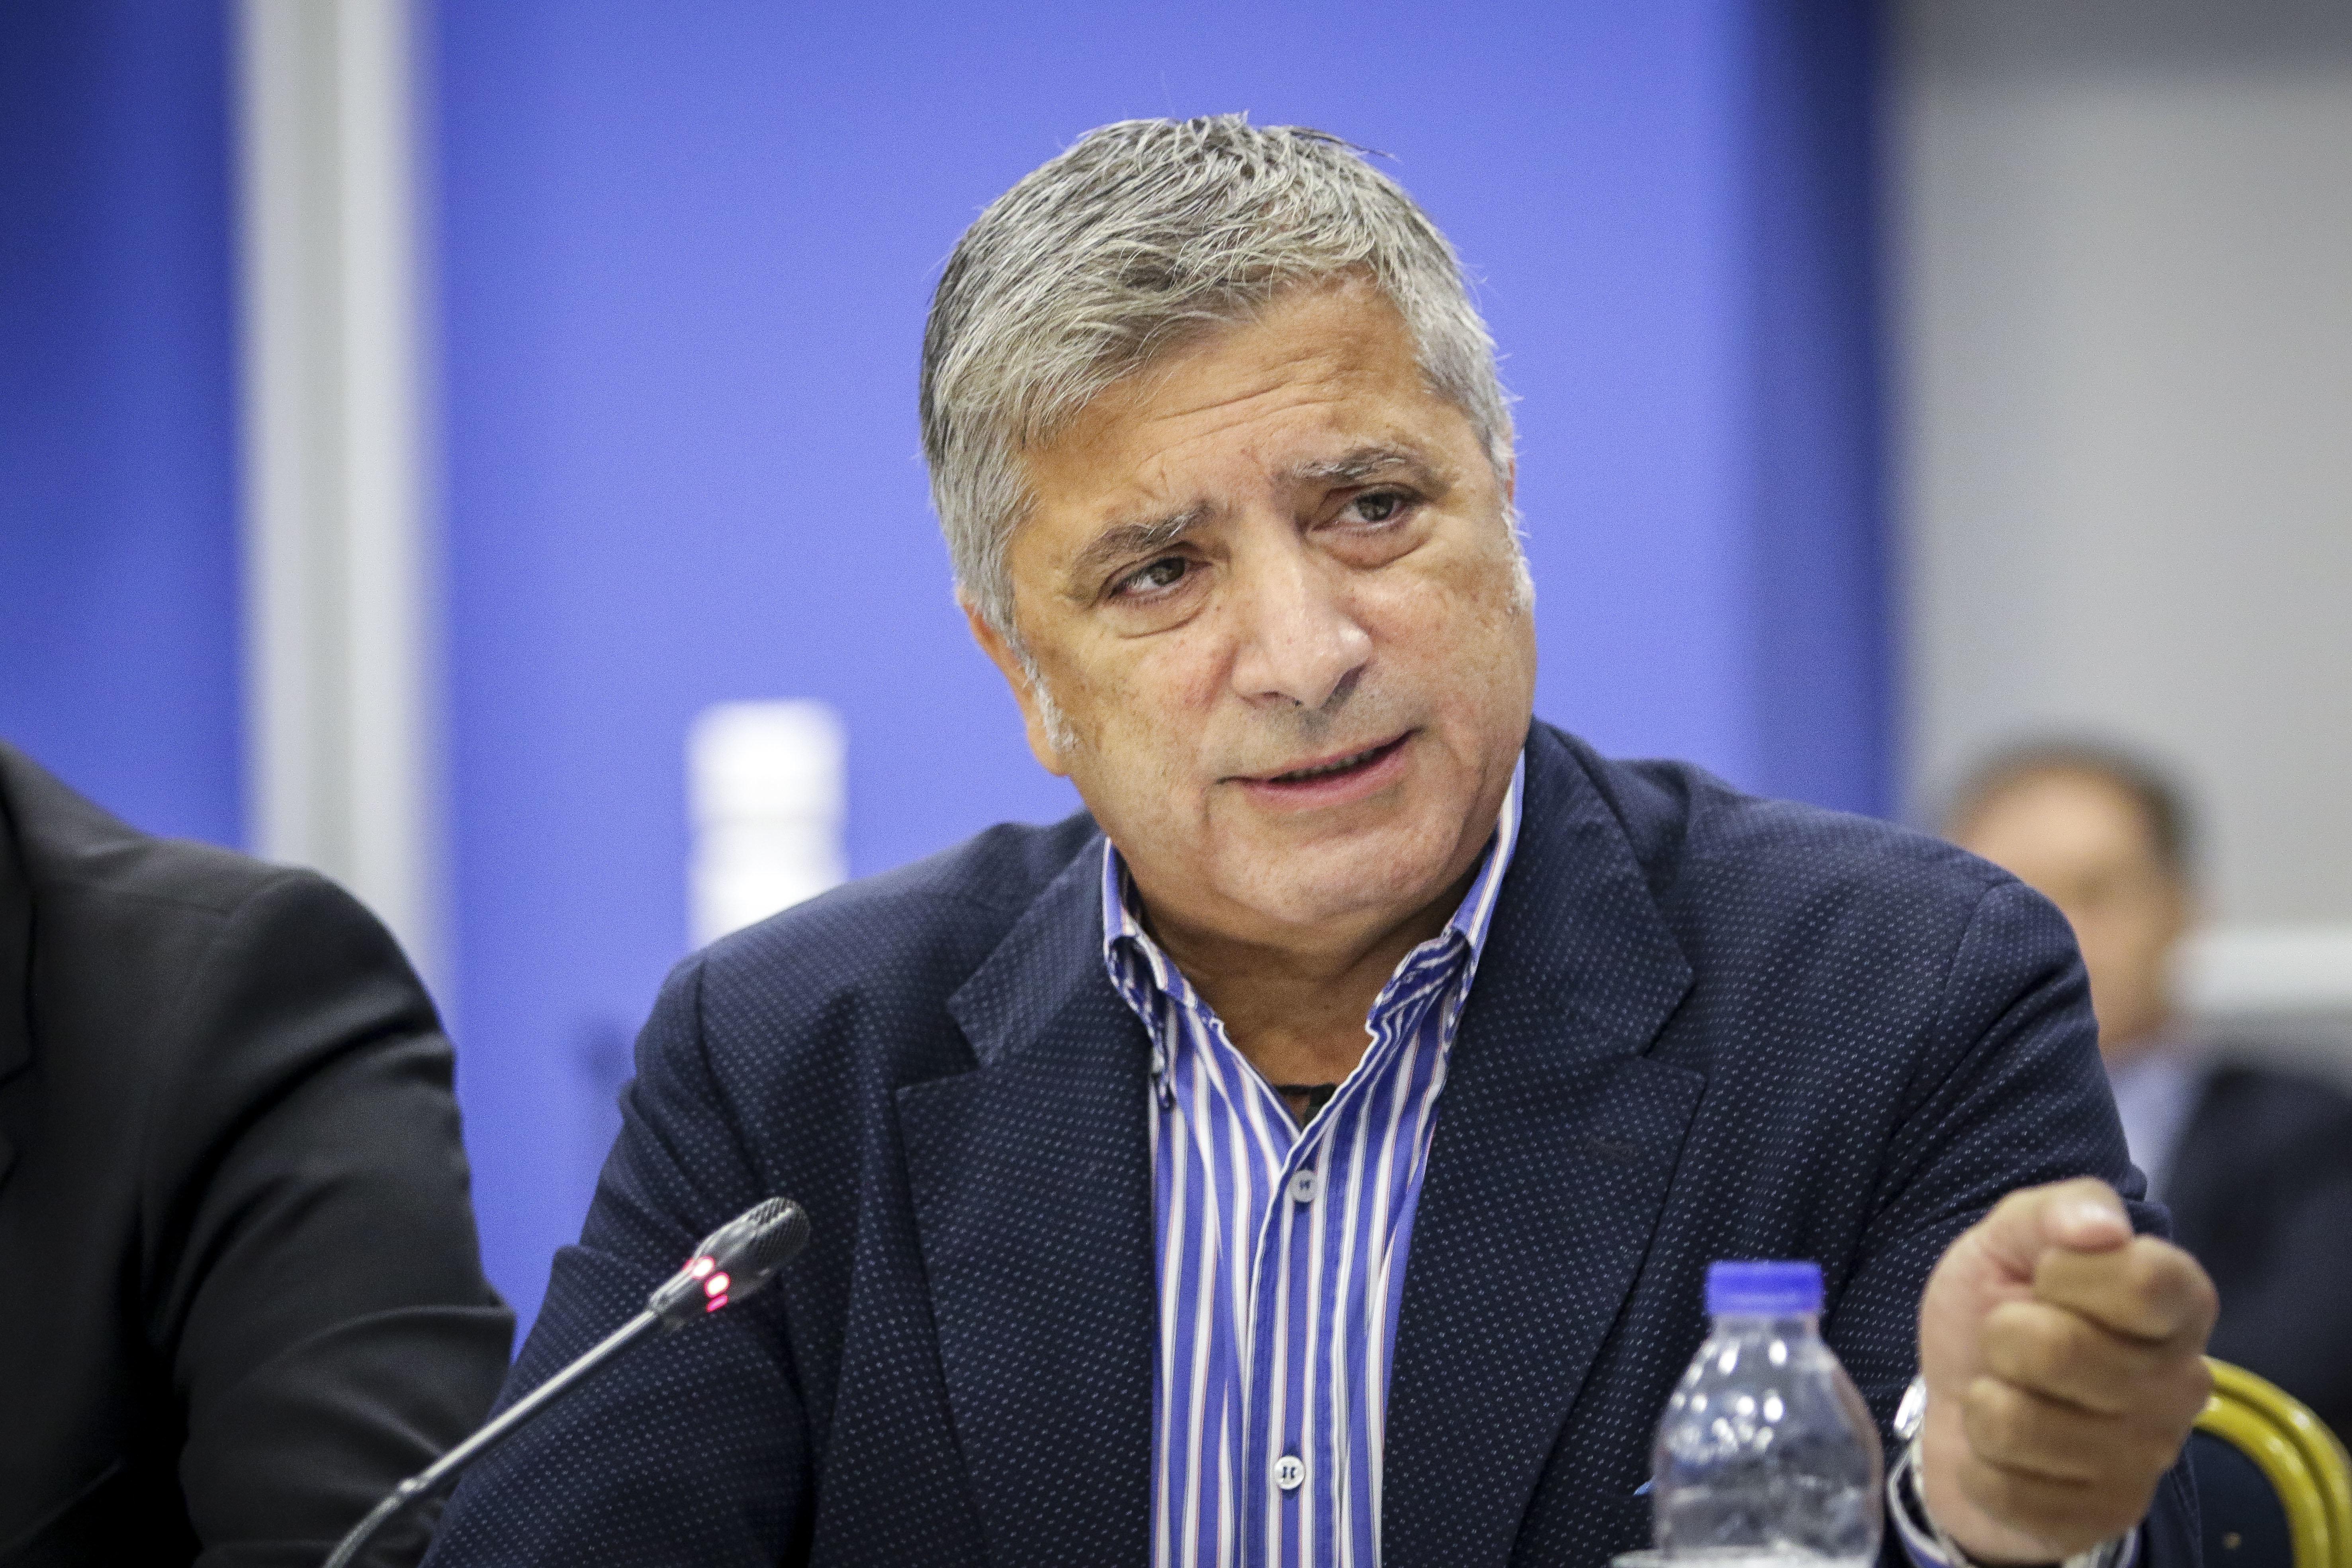 ΝΔ: «Κλείδωσε» η υποψηφιότητα Πατούλη για την Περιφέρεια